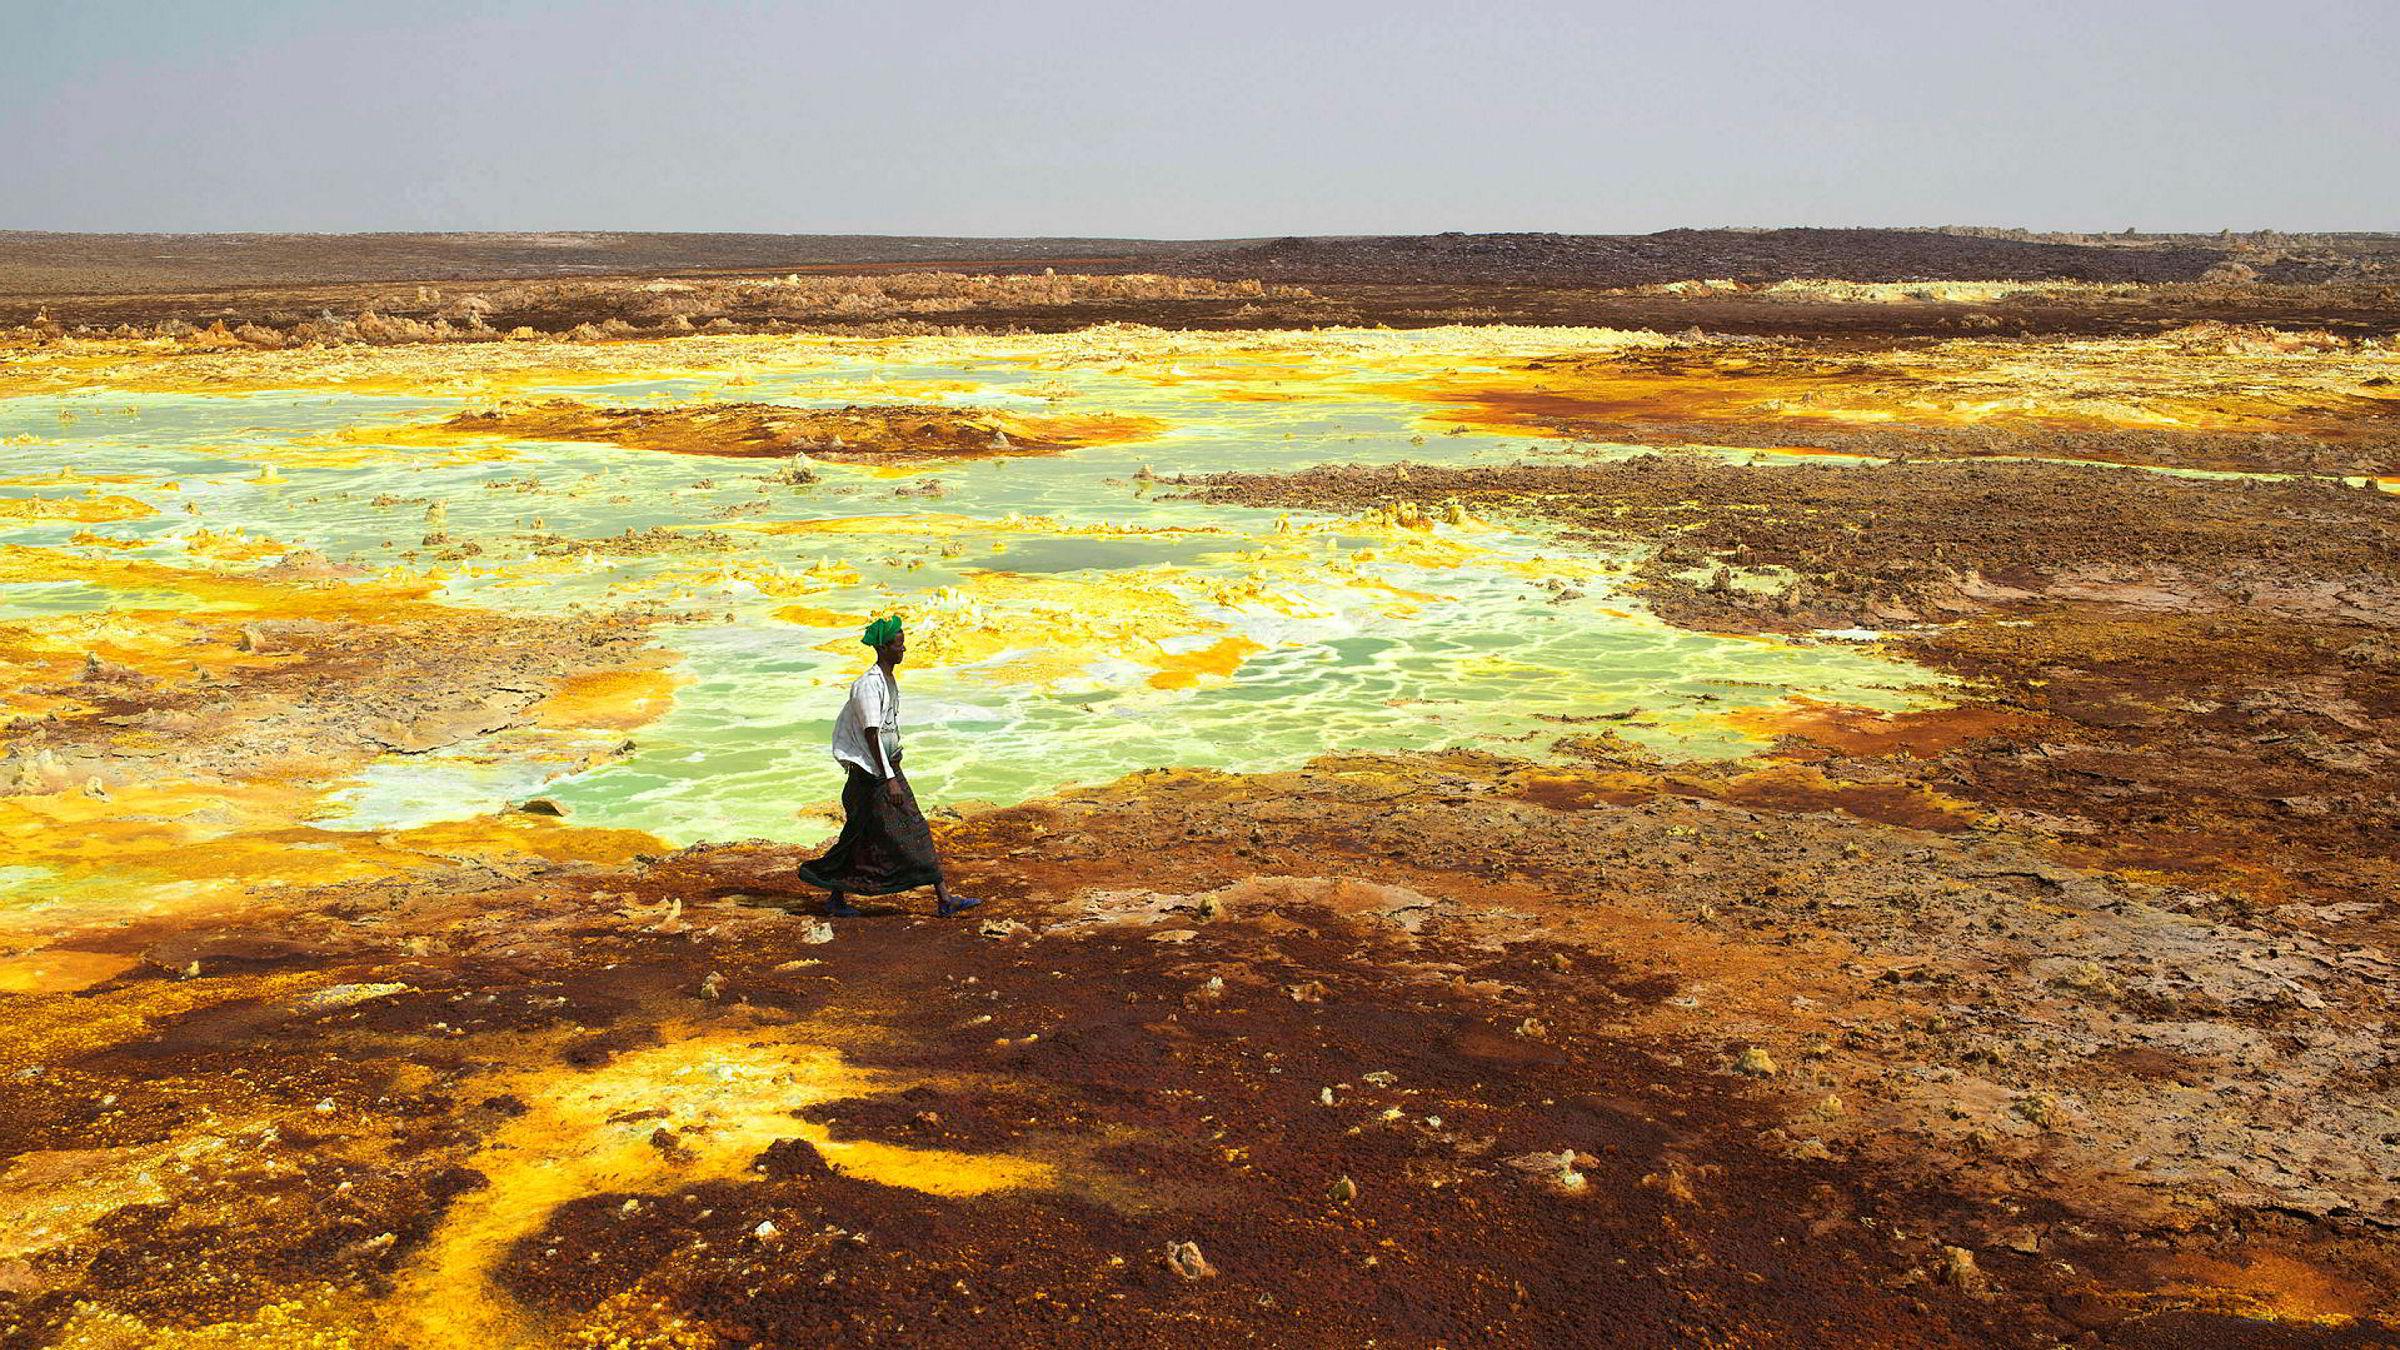 I Afar-regionen helt nord i Etiopia finnes det gigantiske svovel- og mineralsaltformasjoner. I dette området, som ligger på grensen til Eritrea, investerer Yara milliardbeløp i en kaliumgruve. For å sikre seg tilgang på arbeidskraft skal Yara og norske myndigheter også bygge opp en lokal yrkesfagskole.